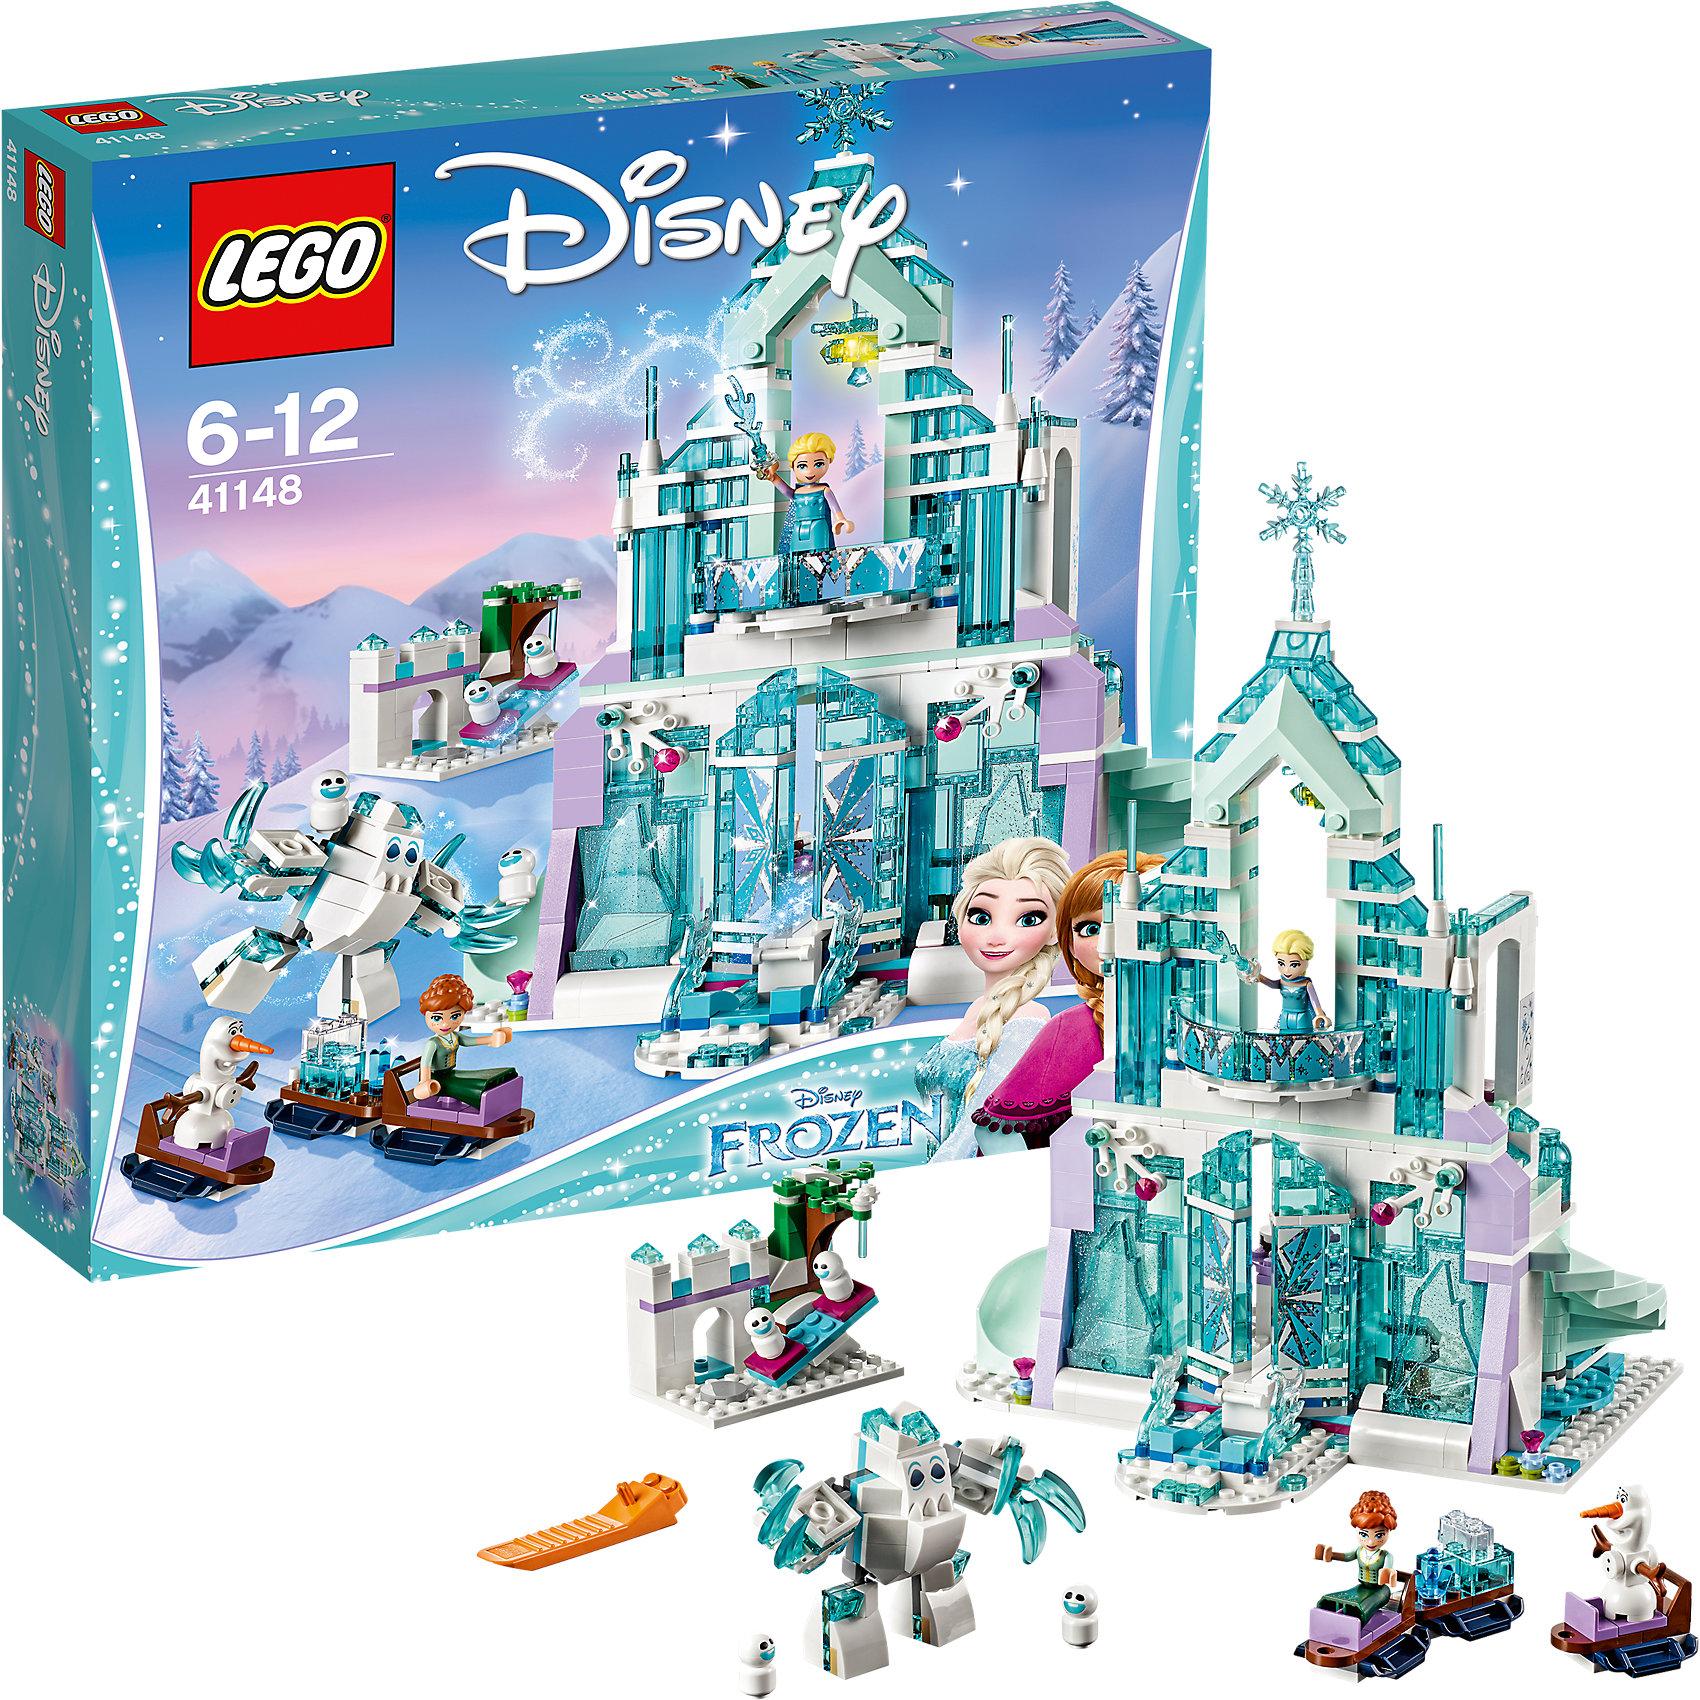 LEGO Disney Princesses 41148: Волшебный ледяной замок Эльзы<br><br>Ширина мм: 377<br>Глубина мм: 347<br>Высота мм: 76<br>Вес г: 1246<br>Возраст от месяцев: 72<br>Возраст до месяцев: 144<br>Пол: Женский<br>Возраст: Детский<br>SKU: 5002467